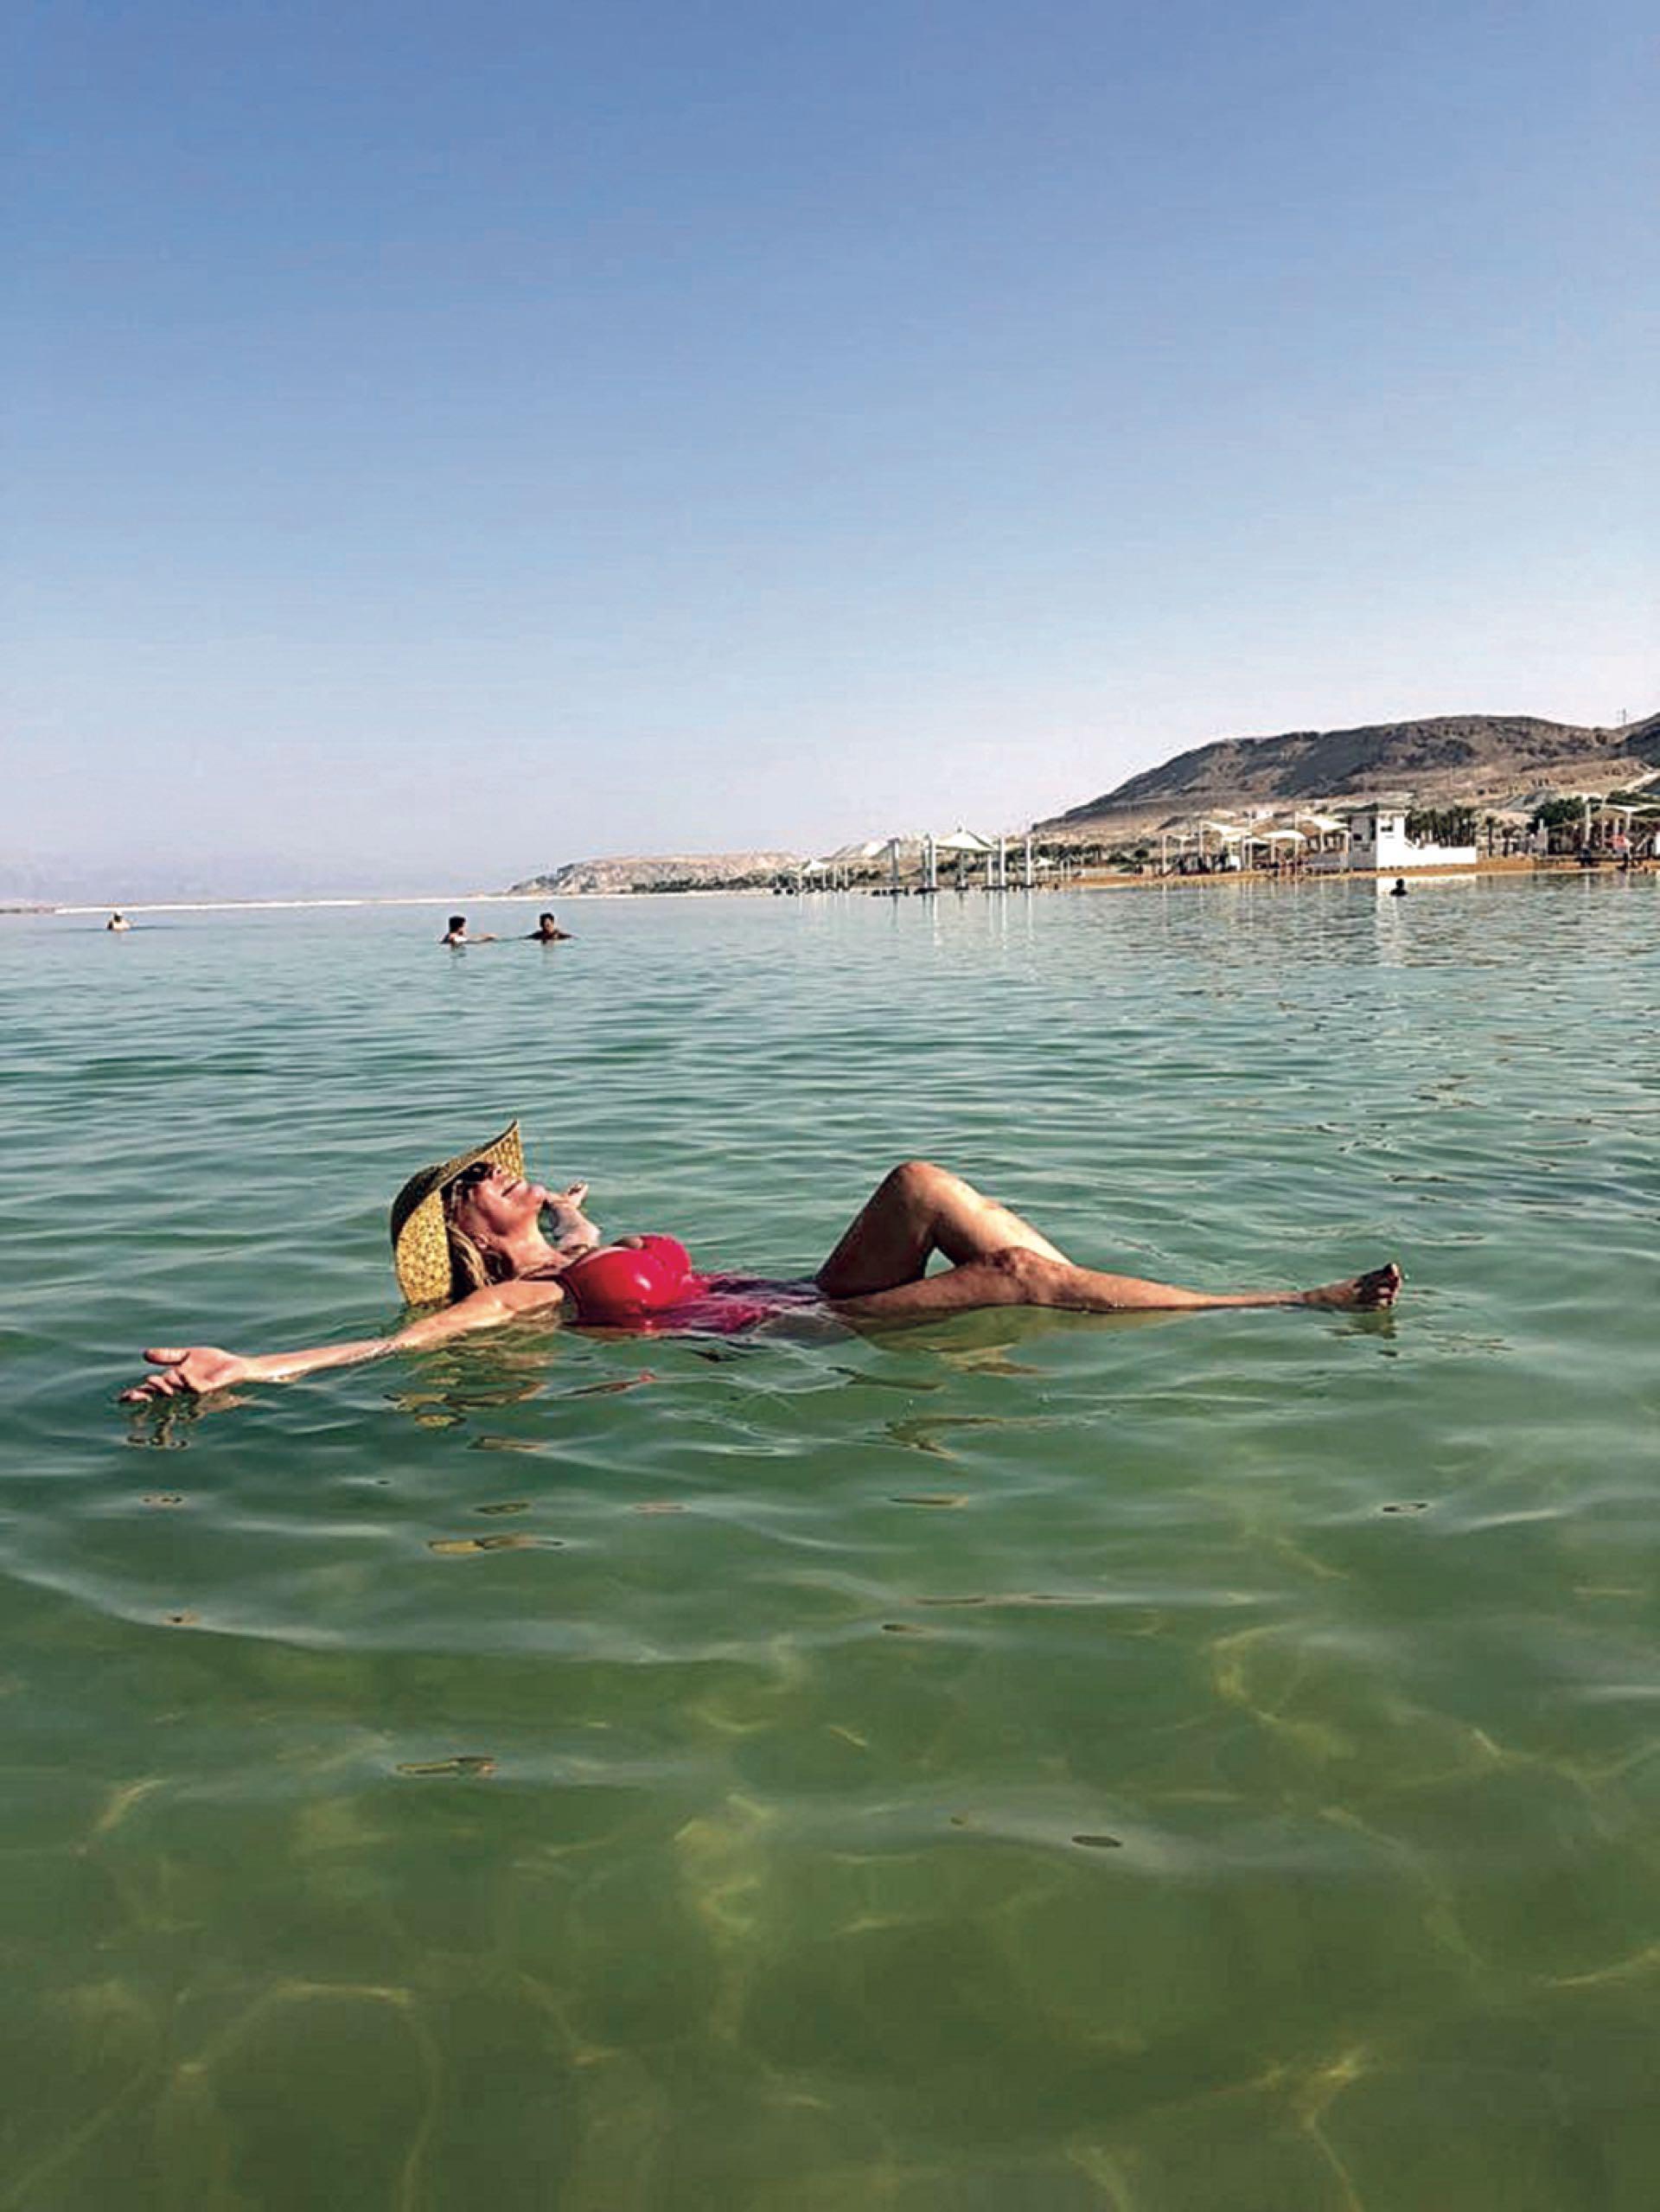 """Flotando en el Mar Muerto, entre Jordania e Israel, """"donde el agua es híper salina sana""""."""